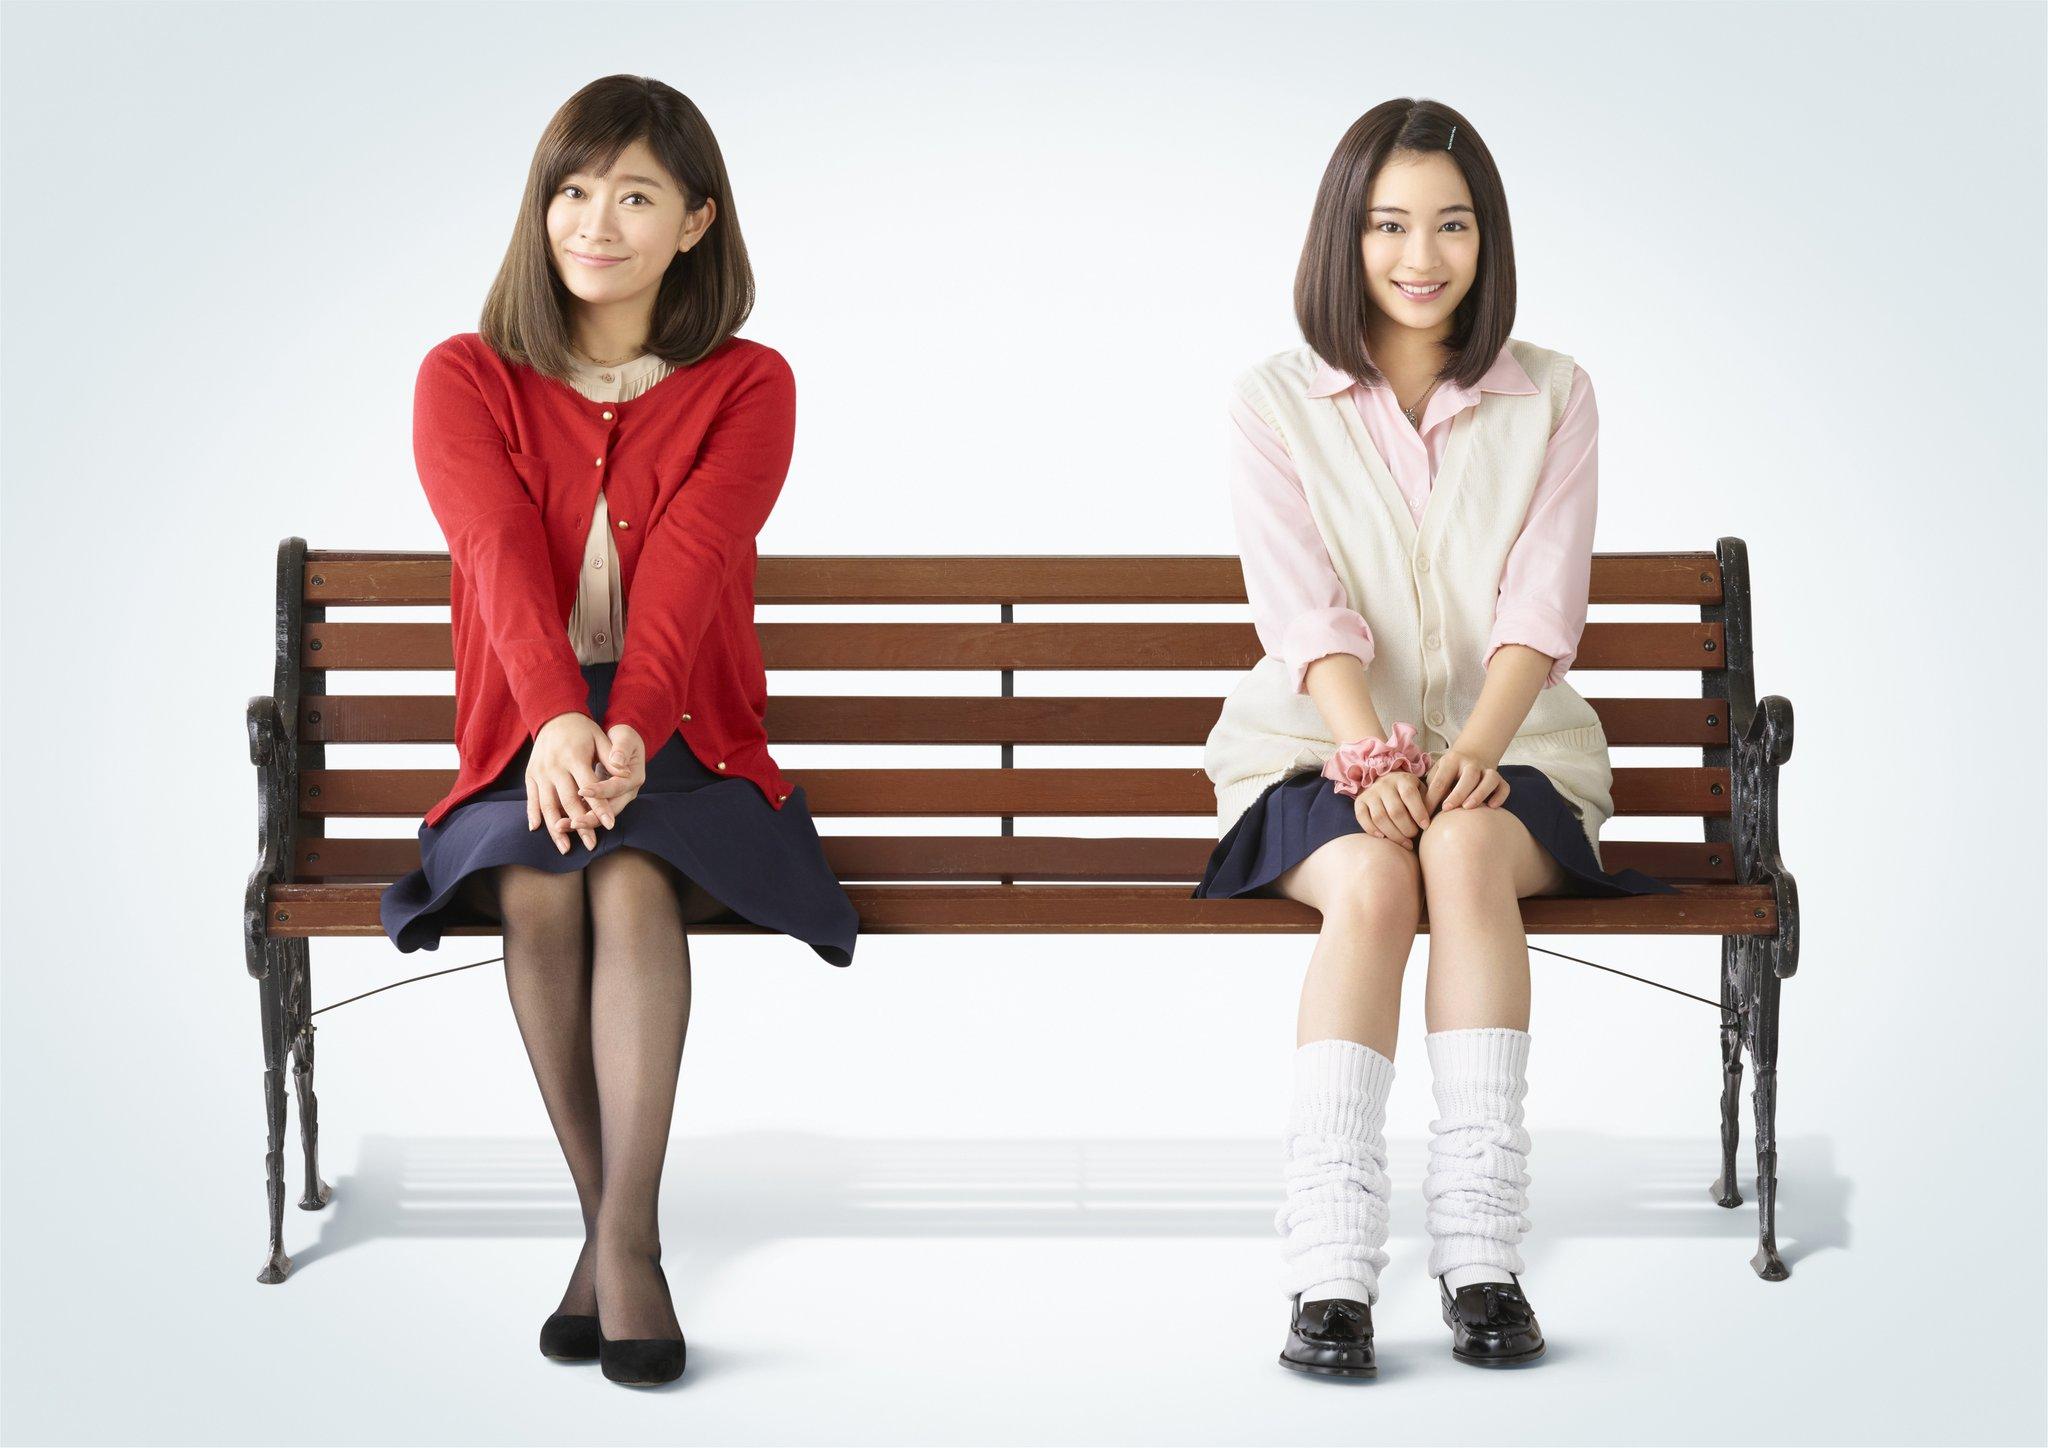 영화 <써니> 일본 리메이크 어디가 어떻게 달라졌나?